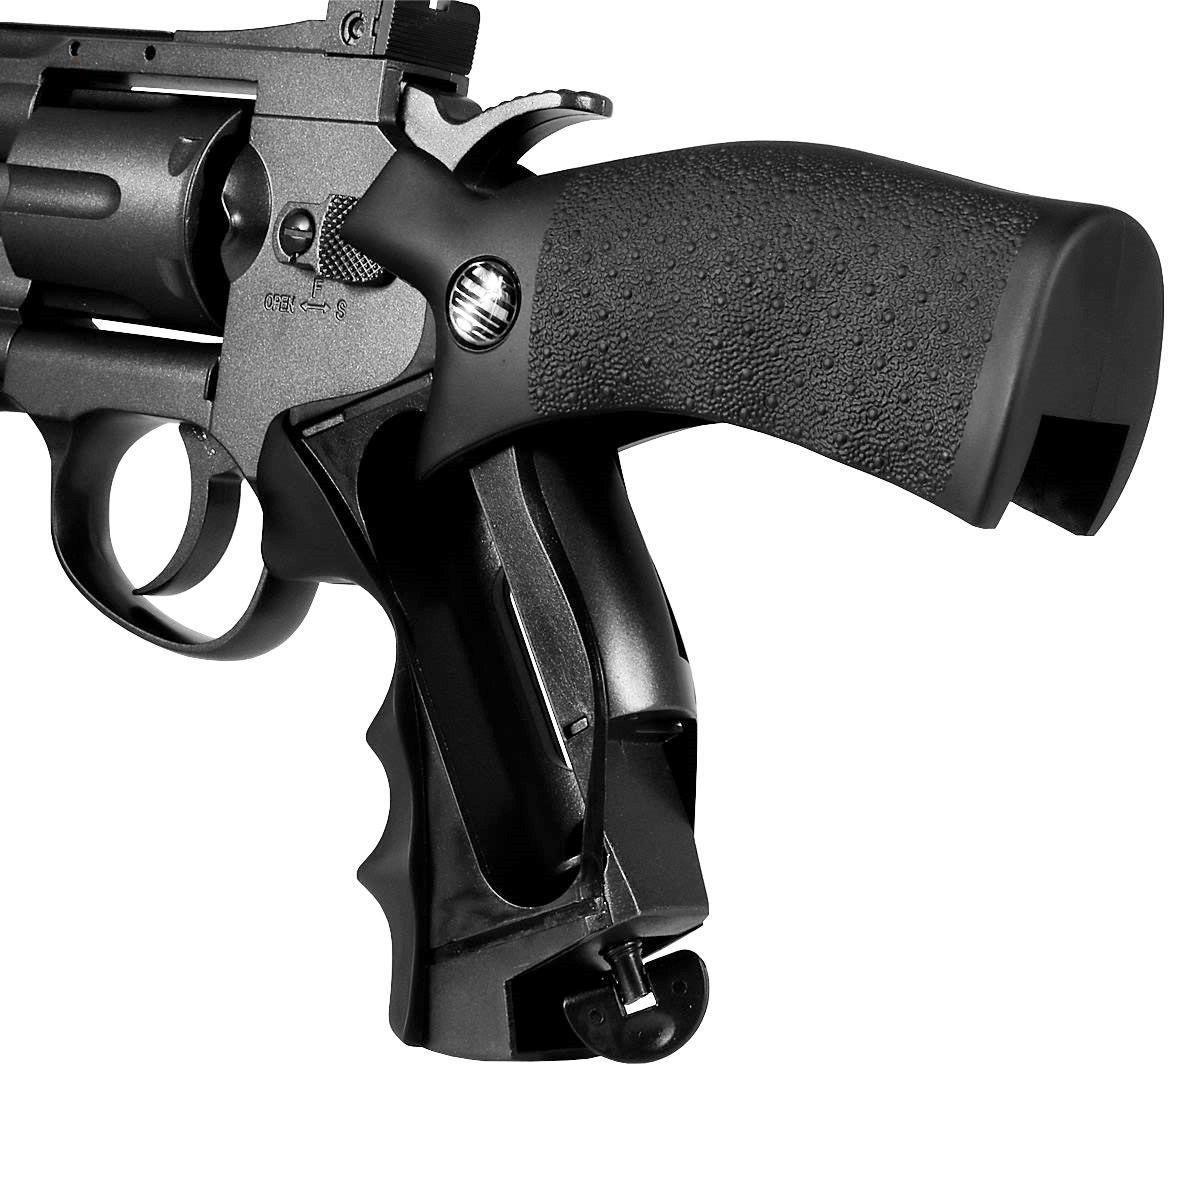 Revolver de Pressão CO2 Rossi M701 6 tiros 4,5mm